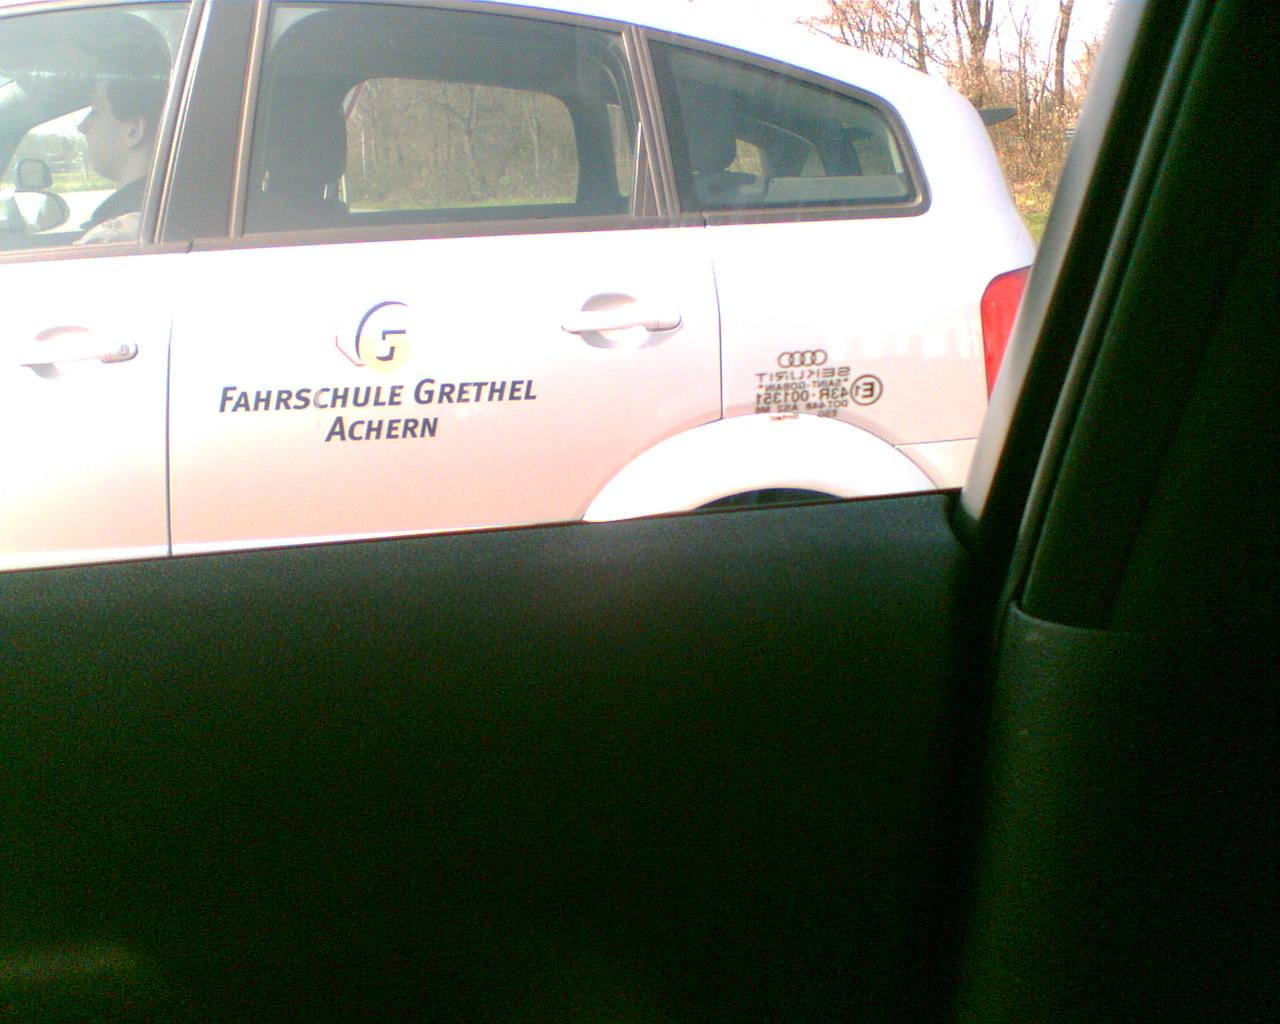 Wie machen die das mit dem Fahrschulen Schild ???